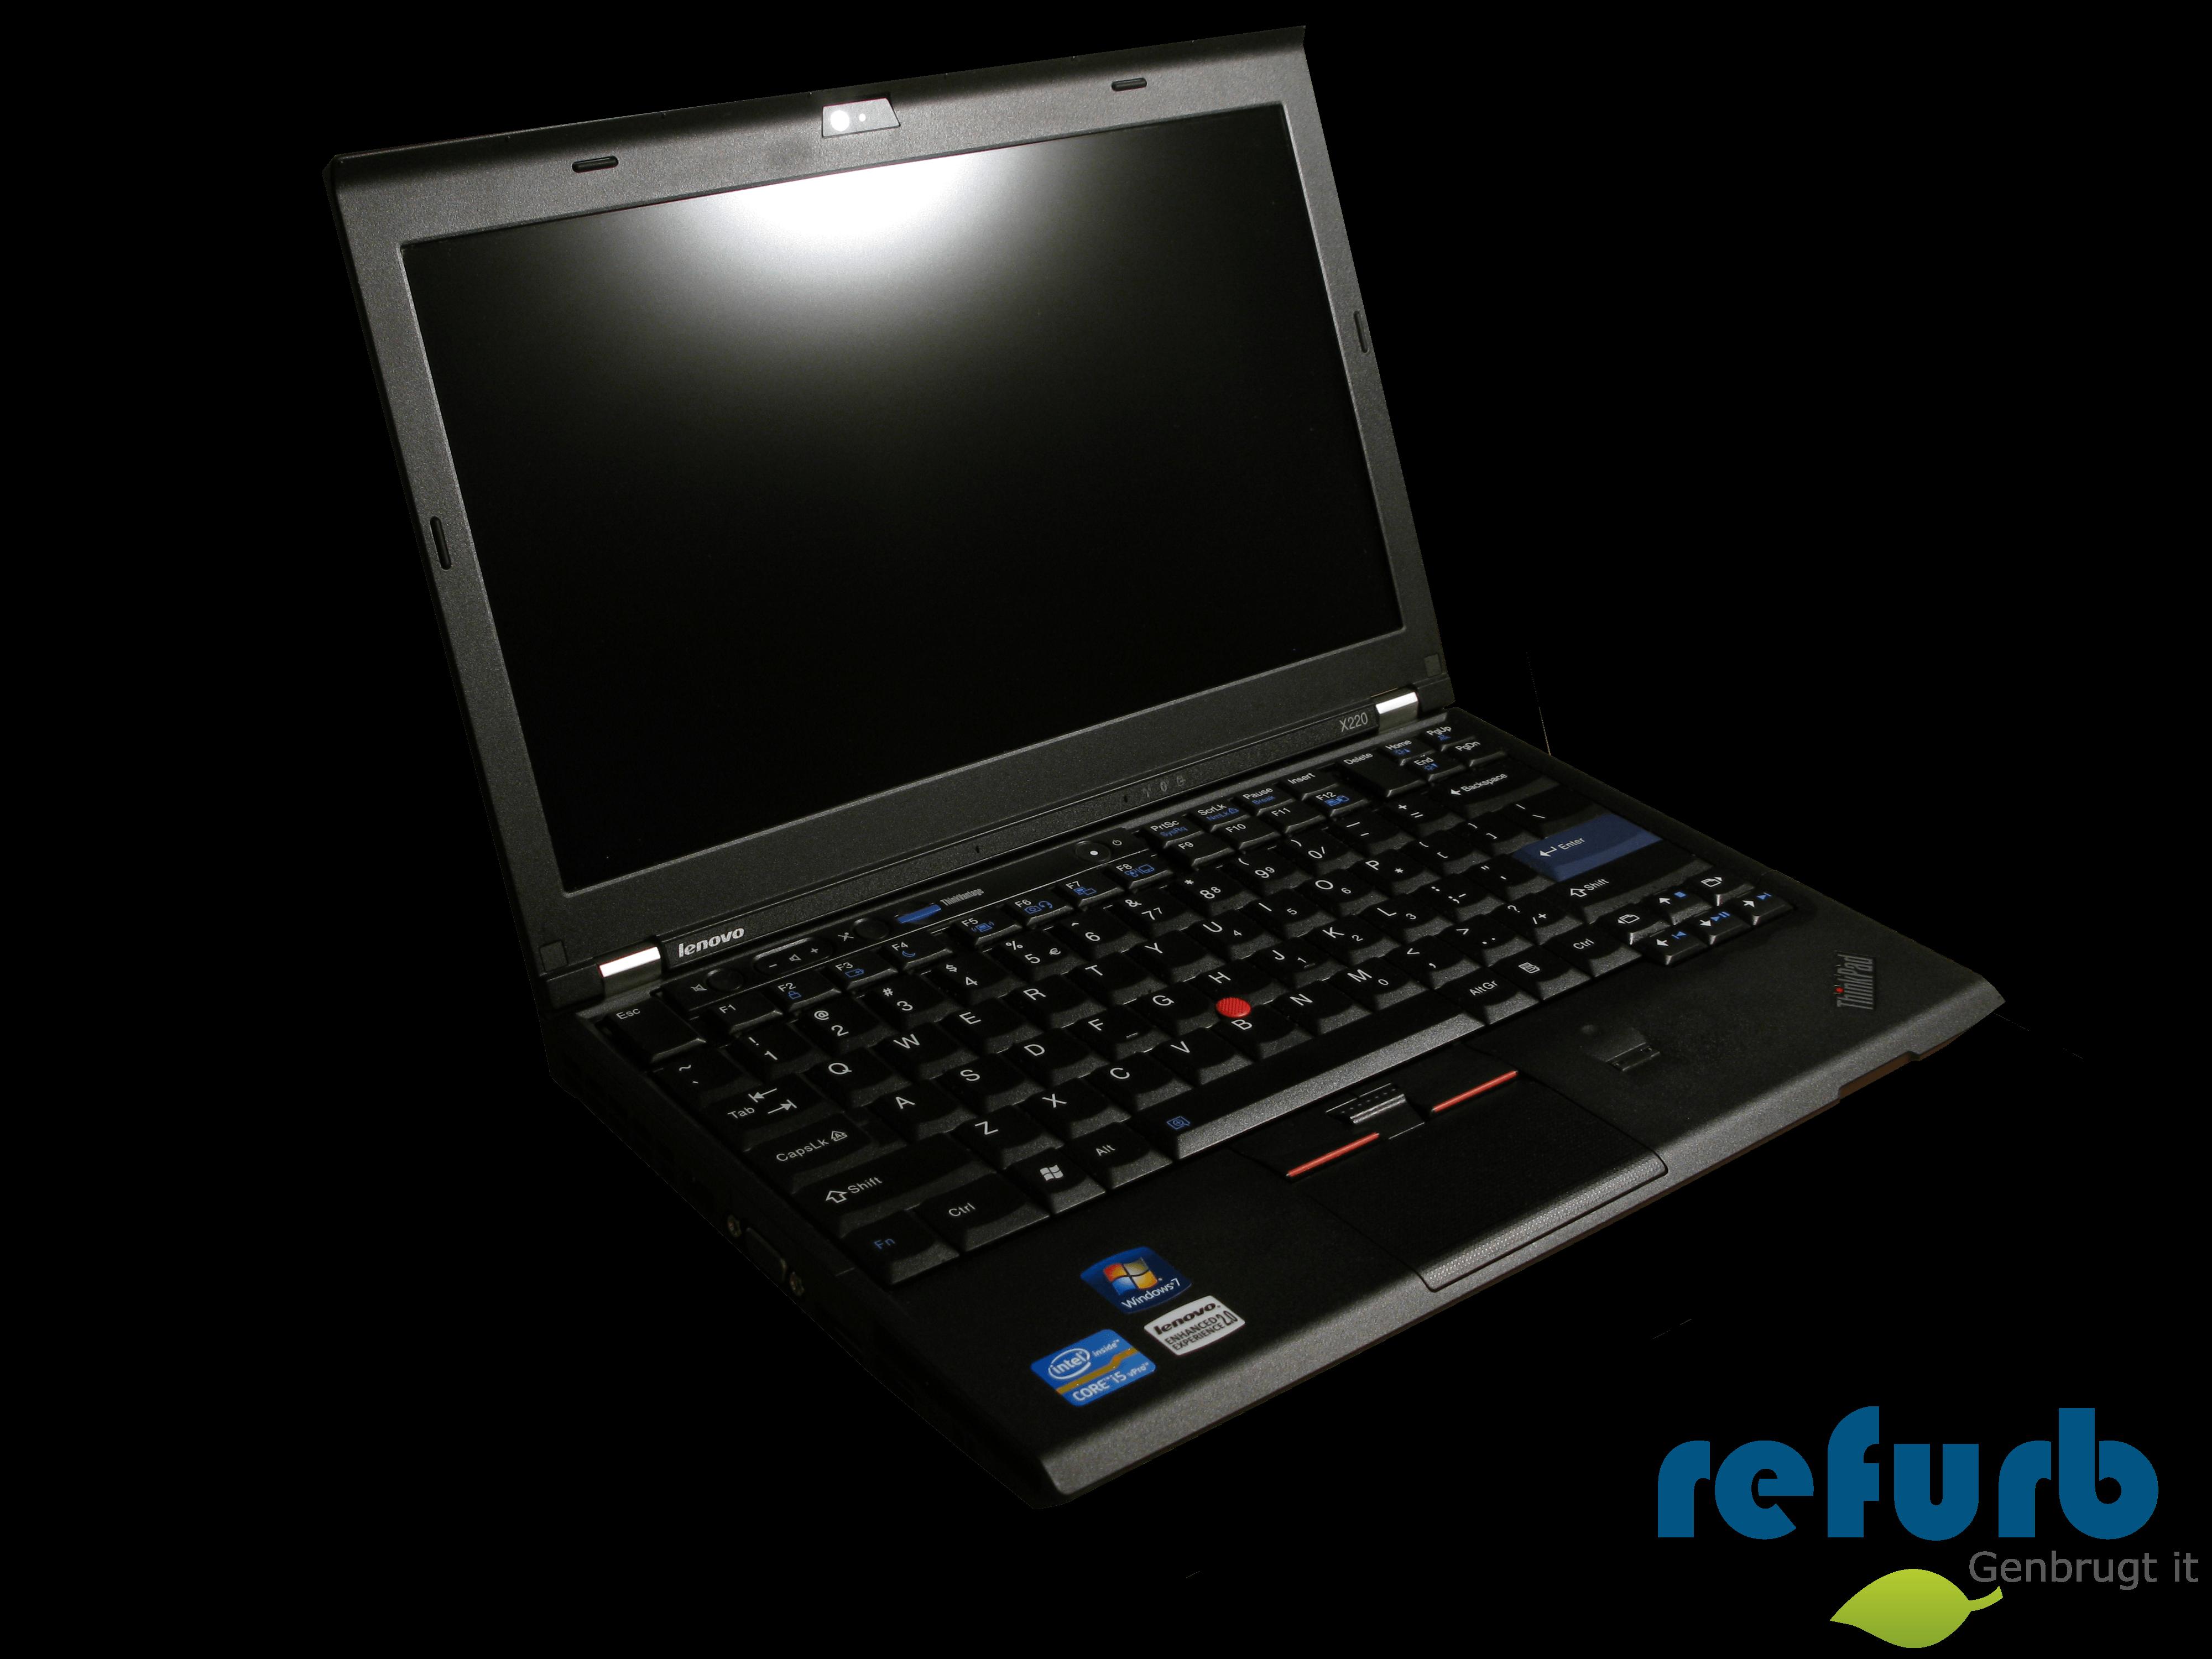 Billede af Lenovo Thinkpad X220i